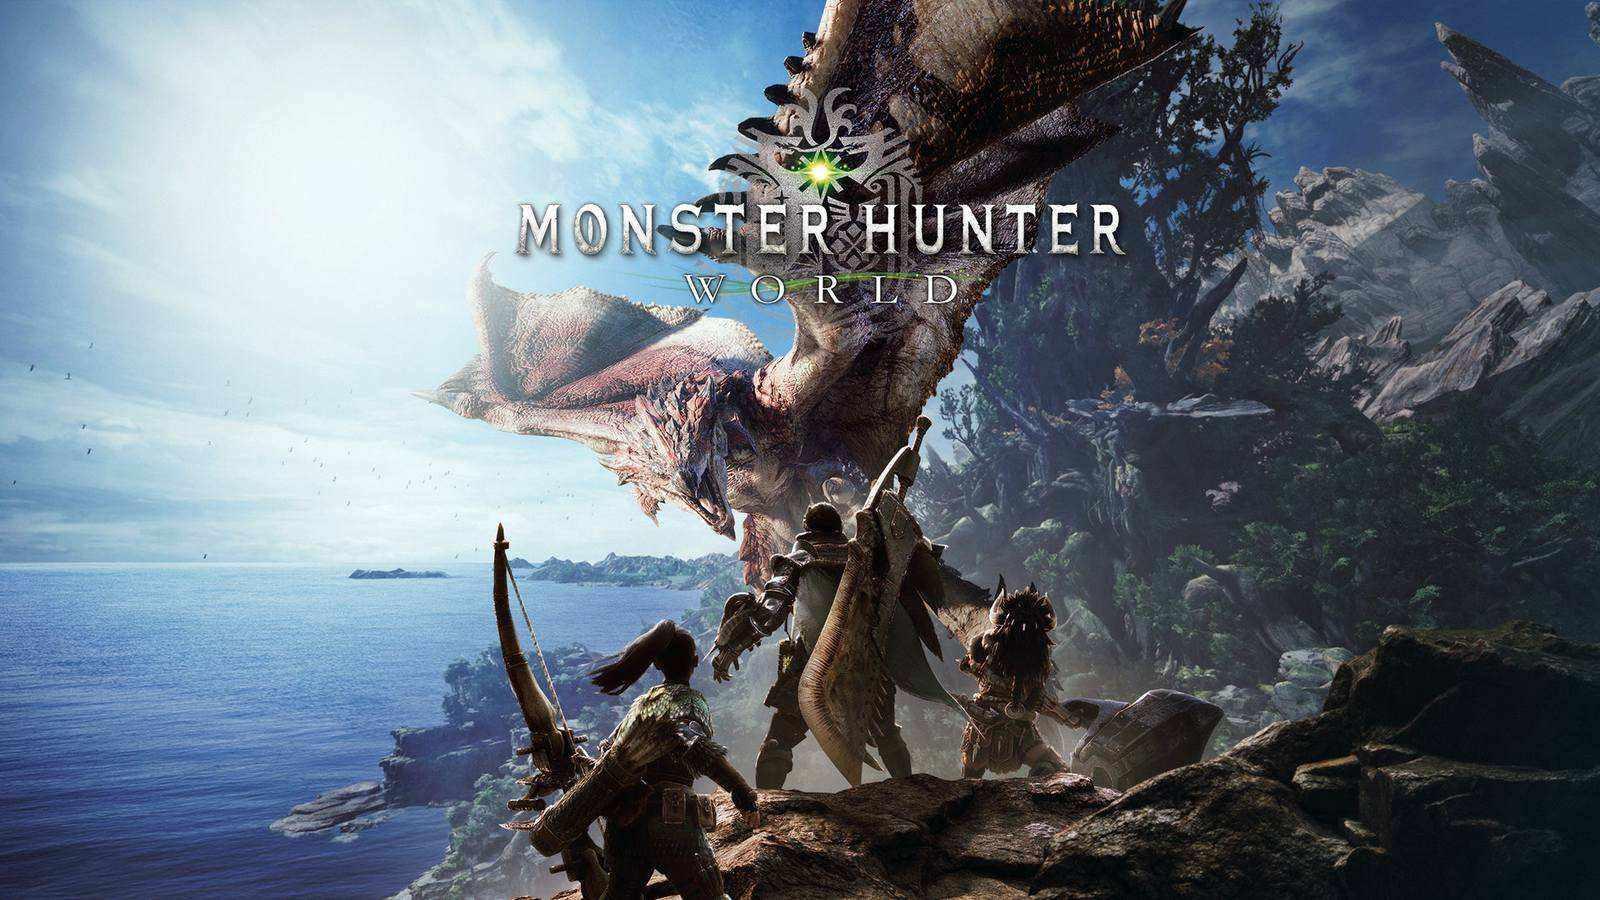 怪物猎人世界人物对话没有声音怎么办 PC版常见问题解决办法